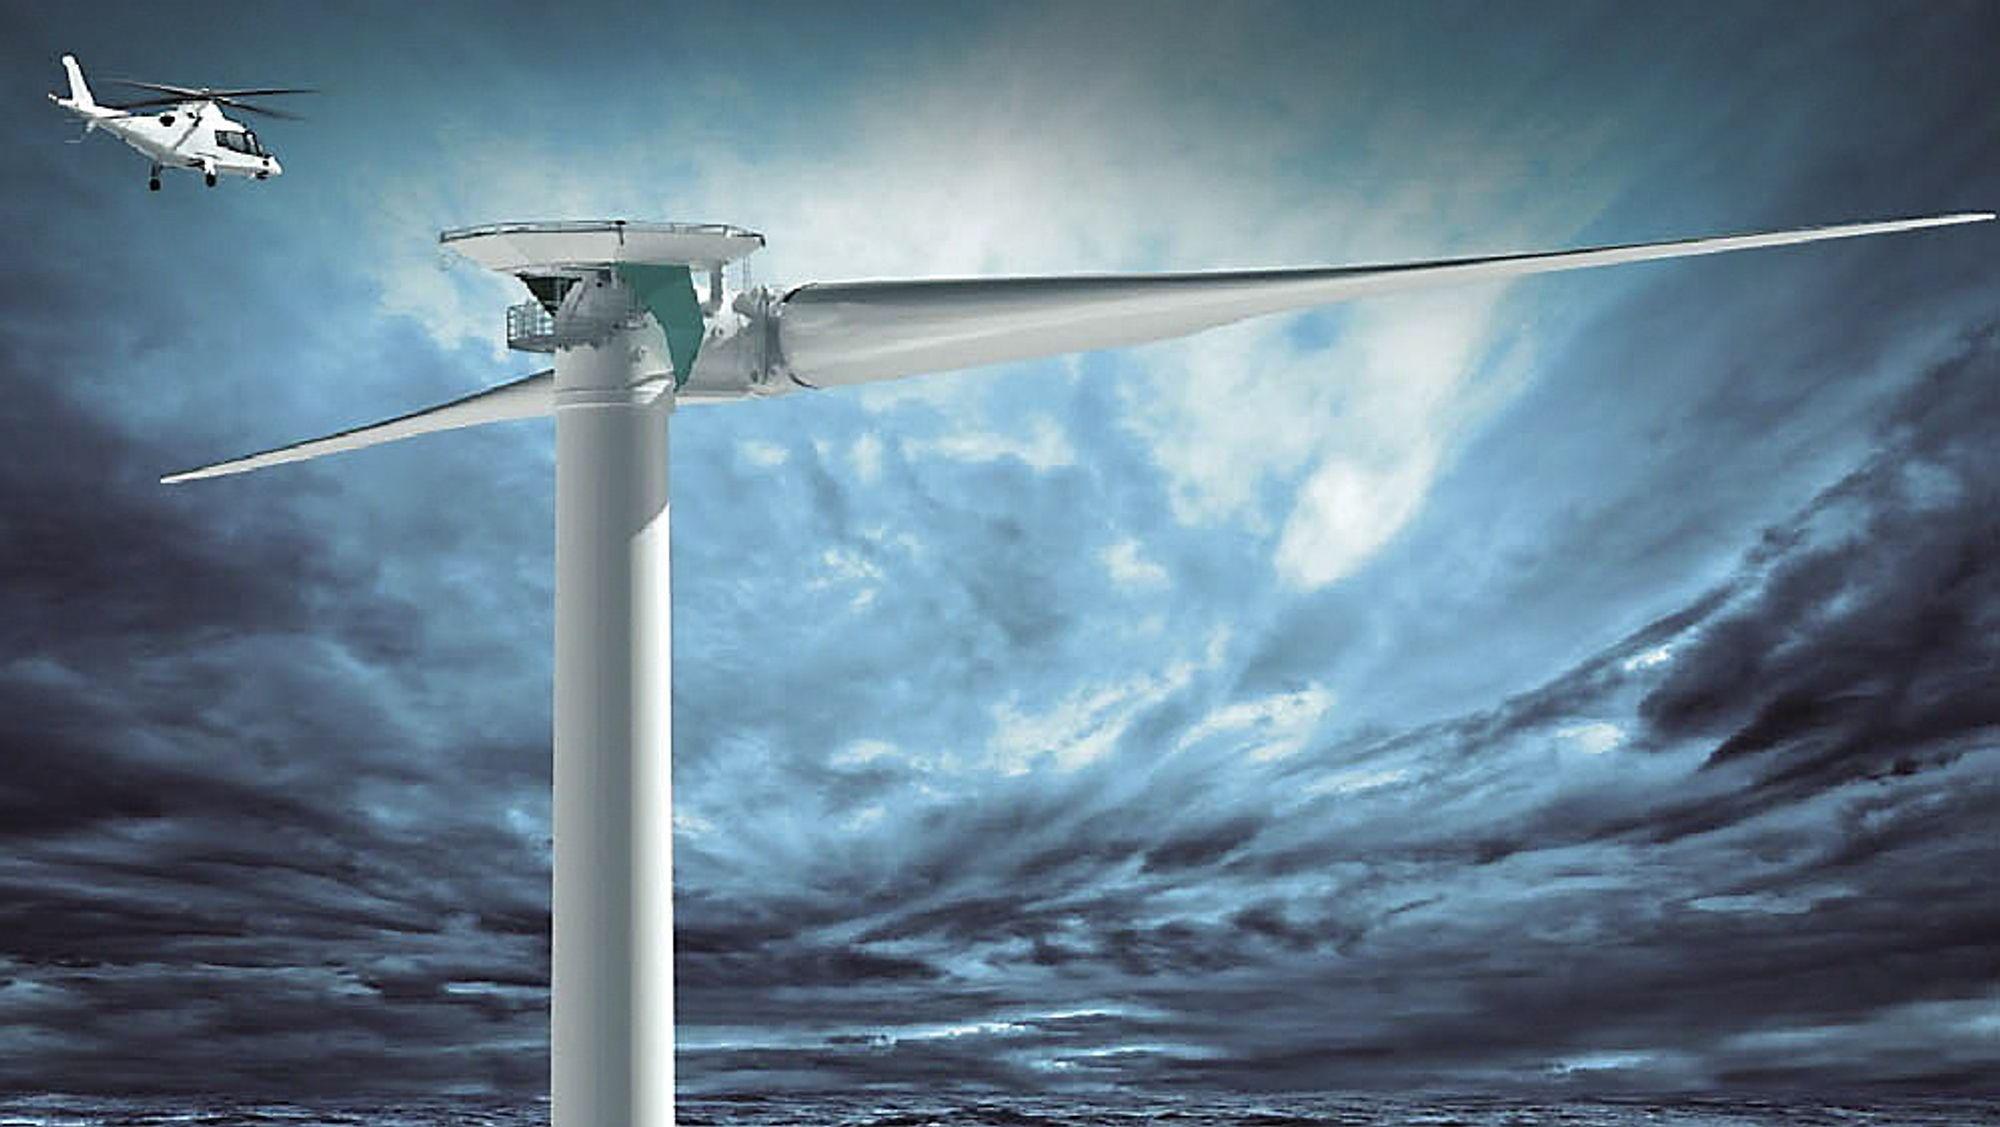 Norske oljeingeniører har gode muligheter i dansk vindindustri, ifølge dansk rekrutteringsbyrå. Illustrasjonen viser en tobladet vindmølle designet av et tysk vindteknologiselskap.